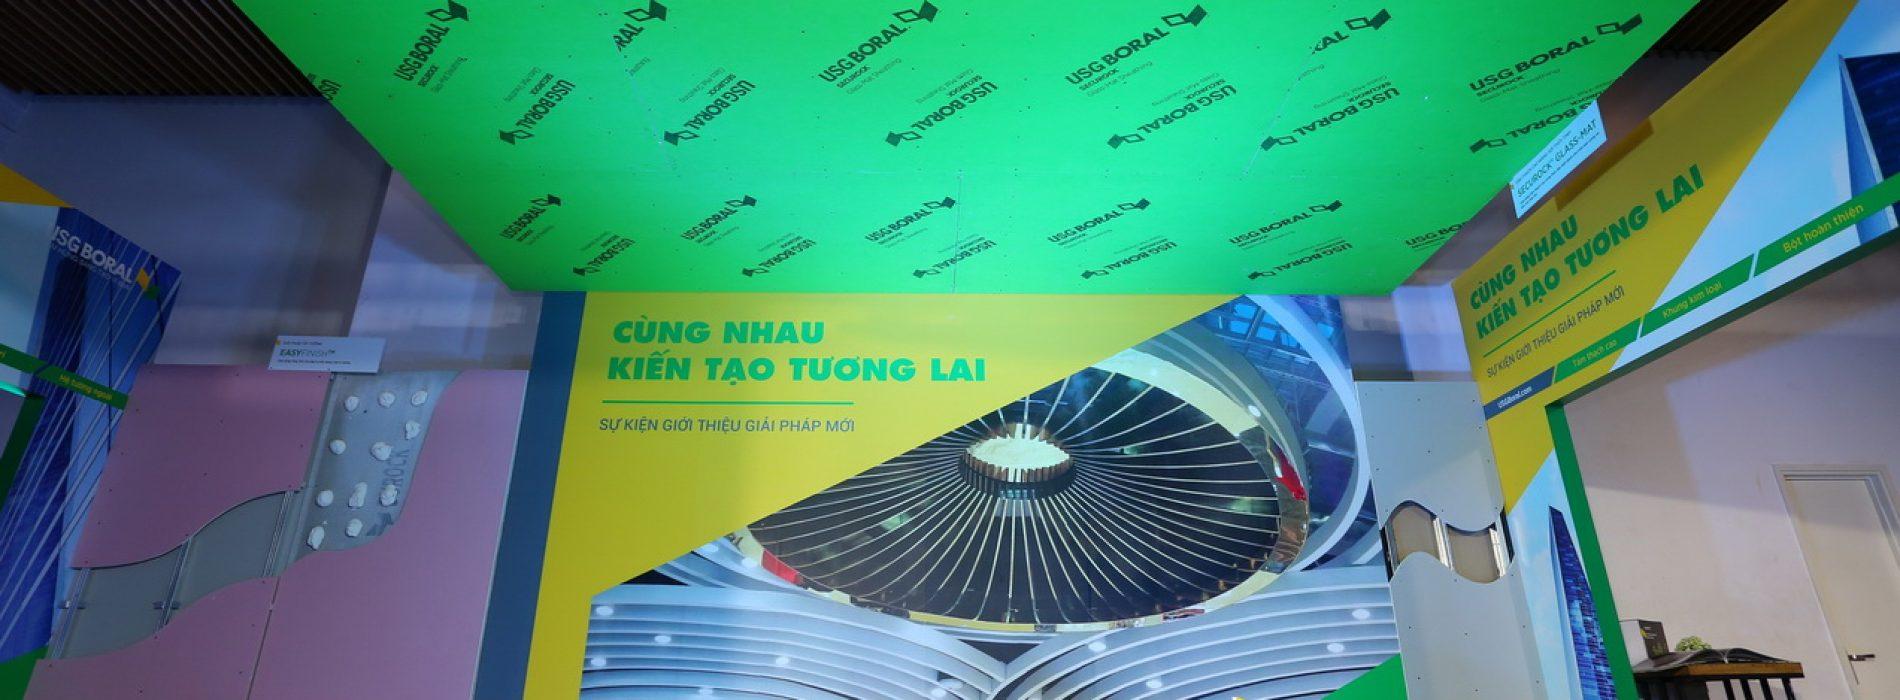 USG Boral Việt Nam ra mắt các giải pháp  vật liệu nhẹ đột phá cho ngành xây dựng hiện đại